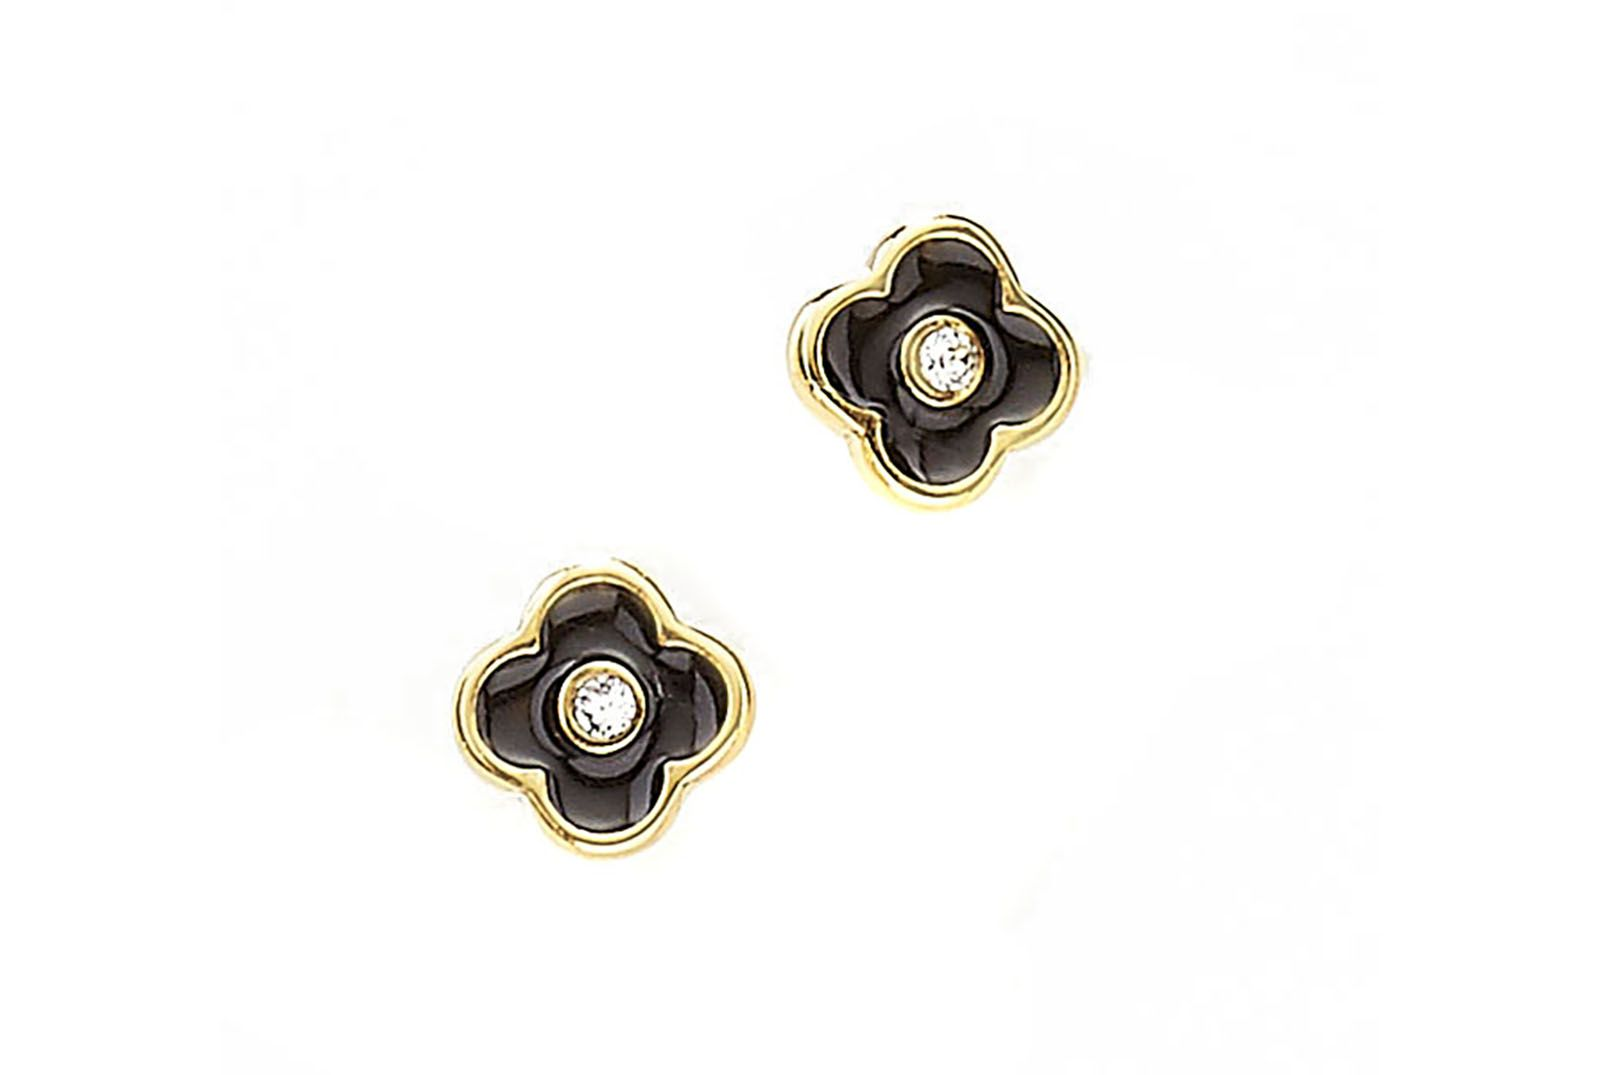 0d95a8896bac Delicados aretes en forma de flor de 4 petalos en color negro y piedra de  cristal al centro. Elaborados en 4 baños de oro de 18 kl.